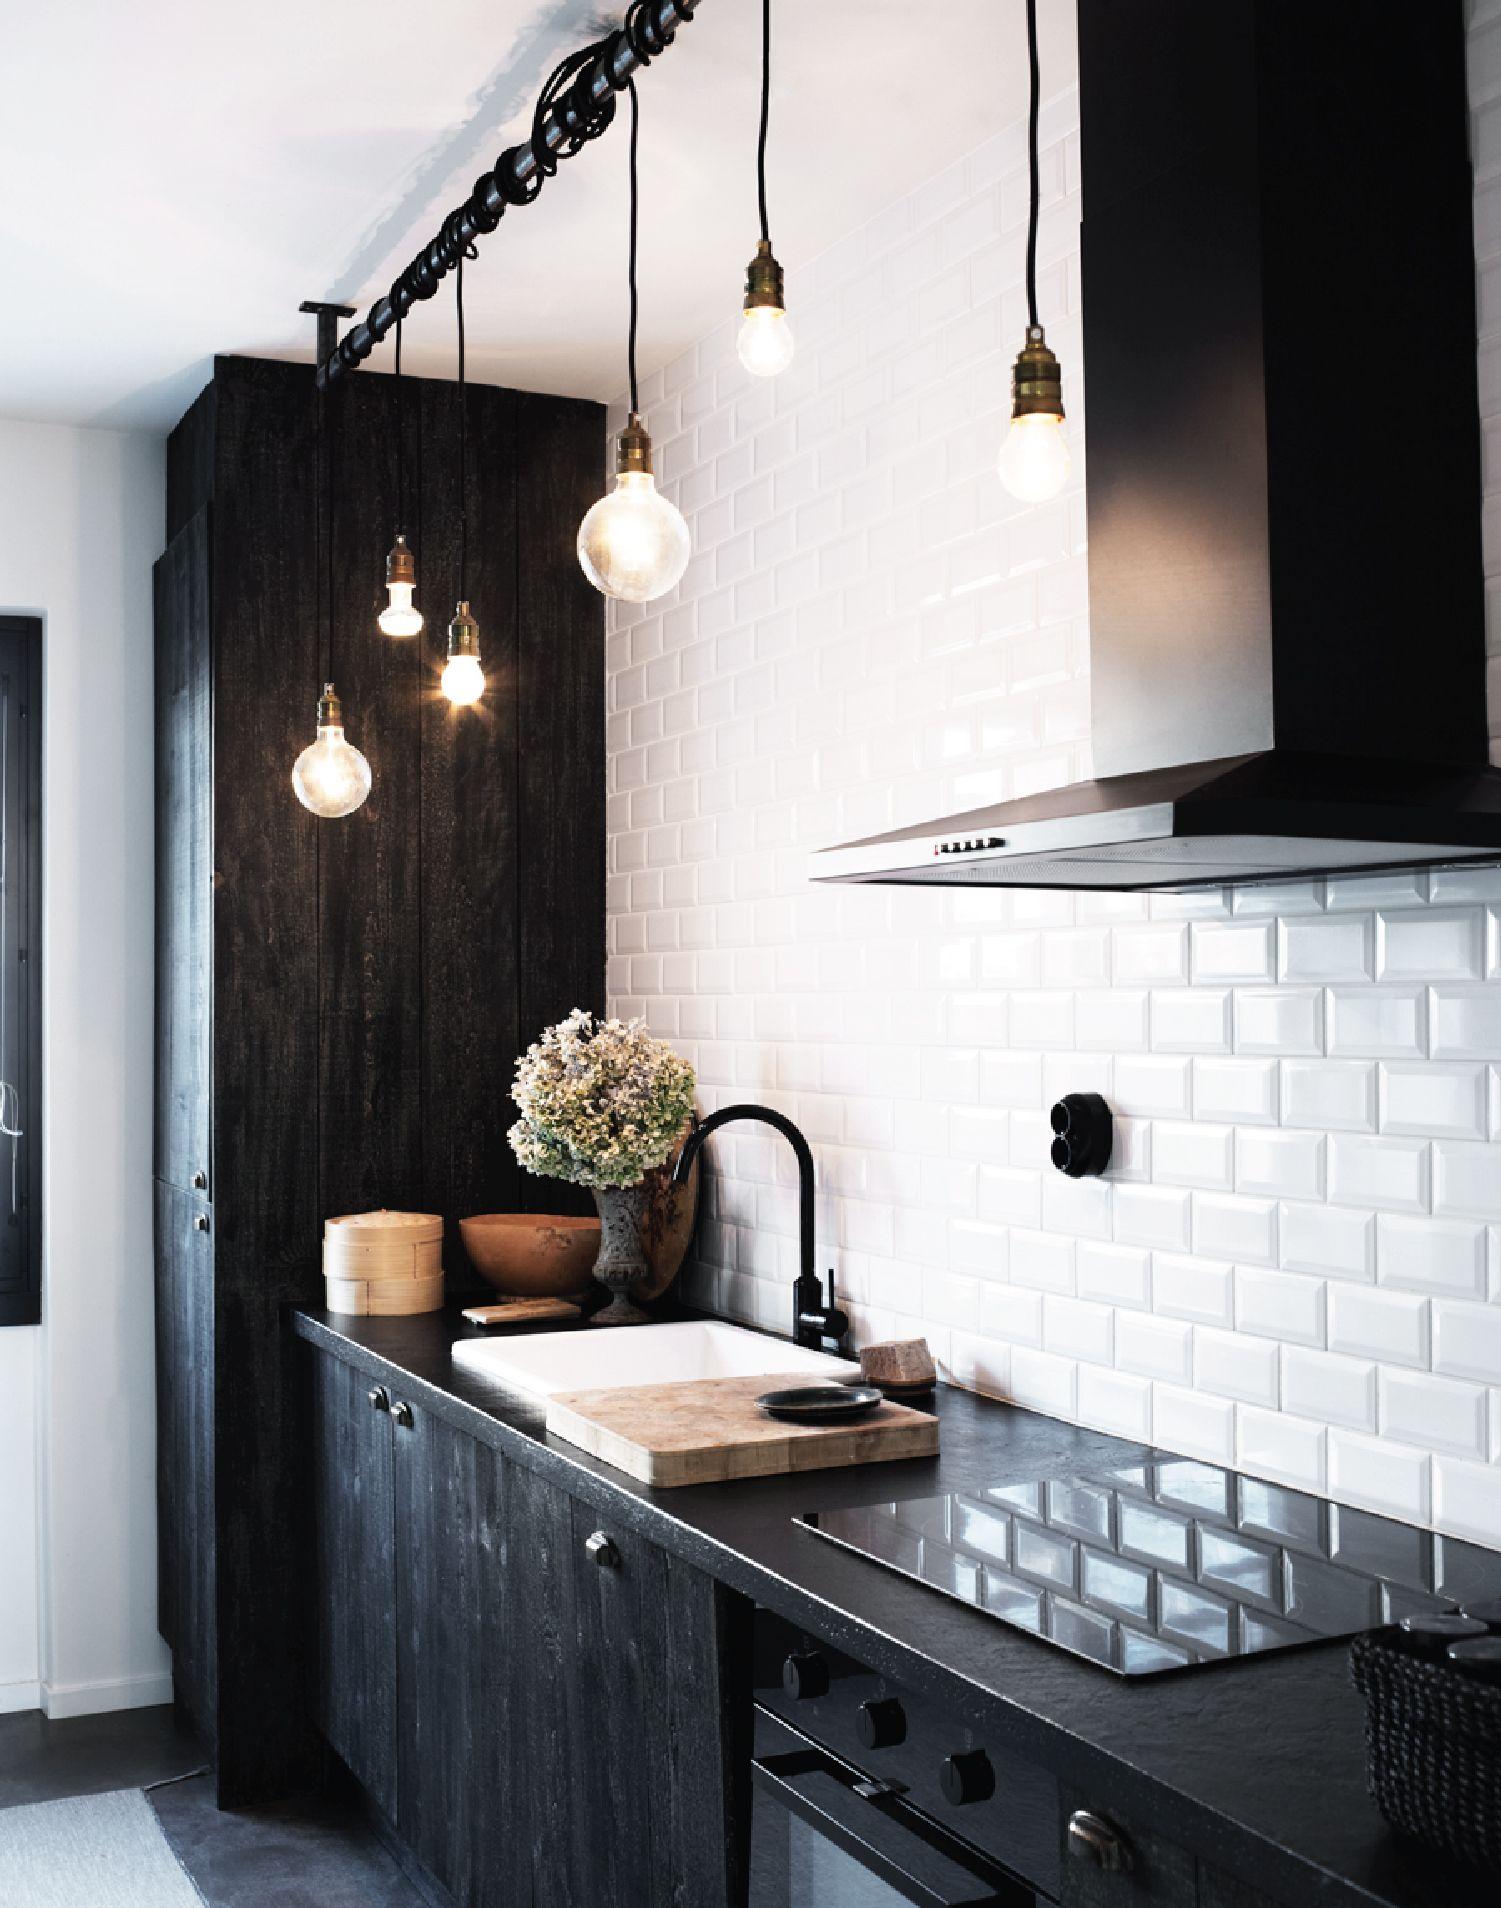 encimera negra - ¿Qué tipo de encimera debo elegir en mi cocina ...